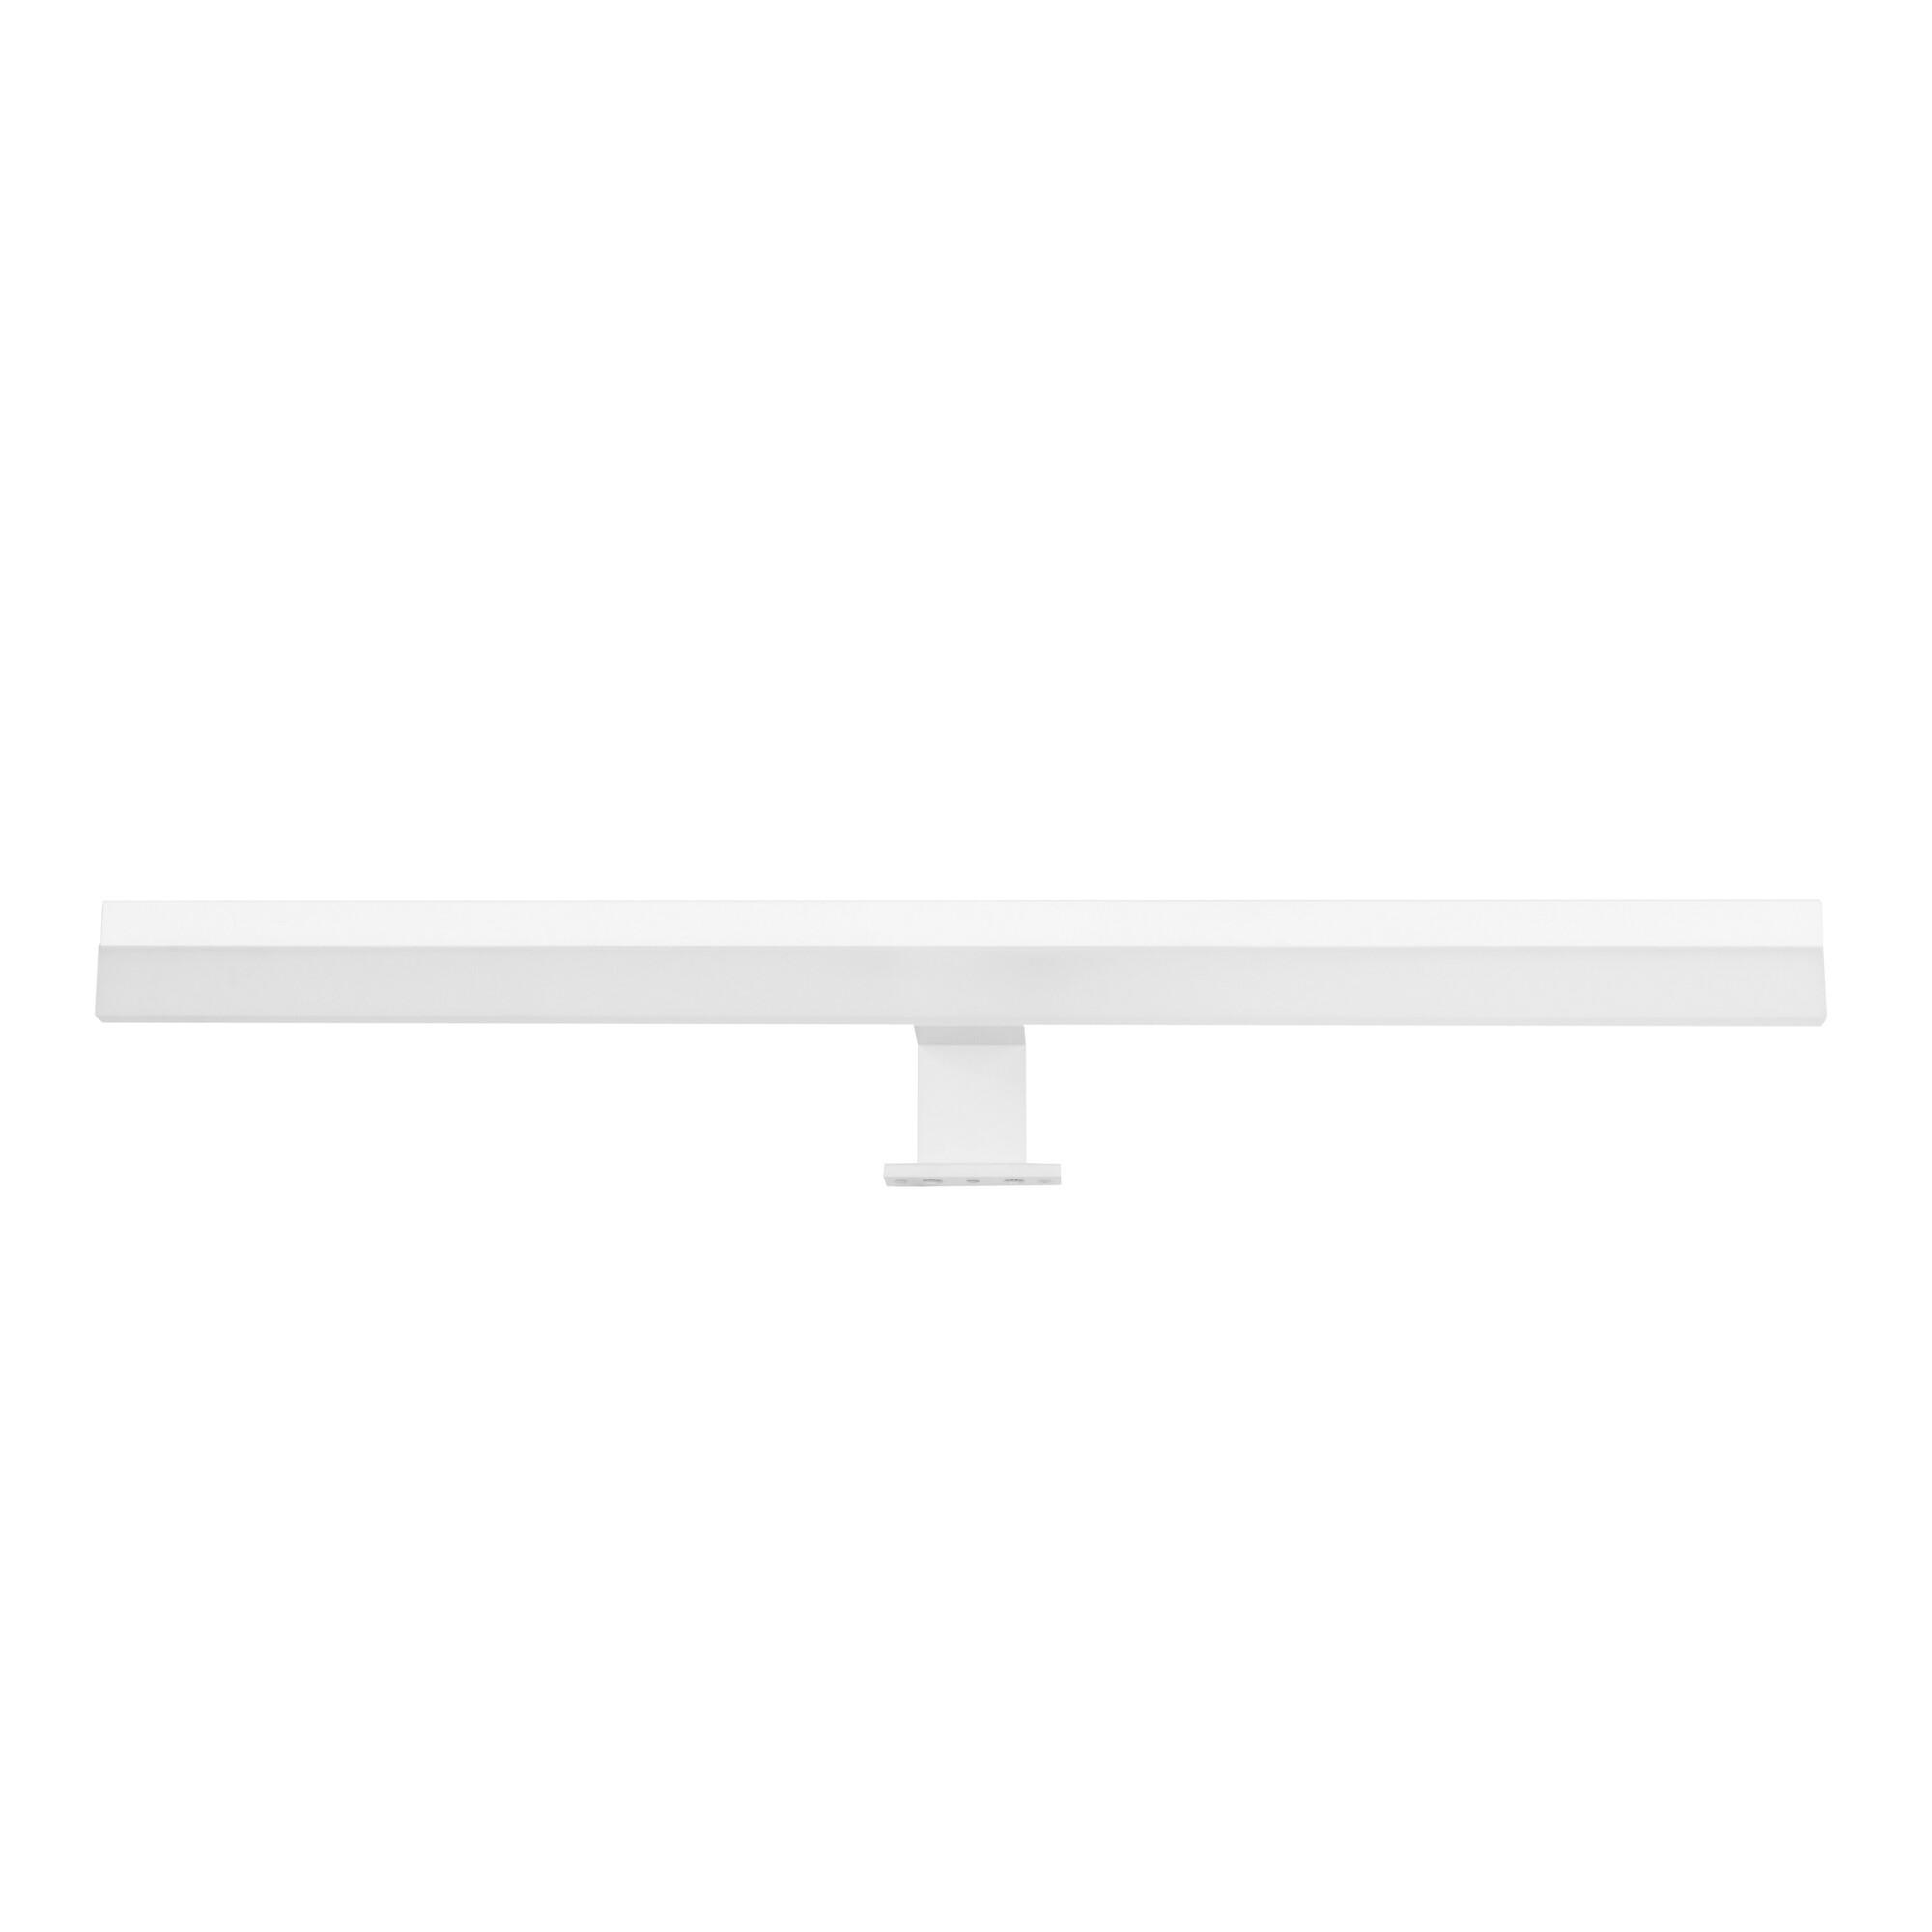 DECADE Wandlamp LED 1x12W/984lm Rechthoekig Wit